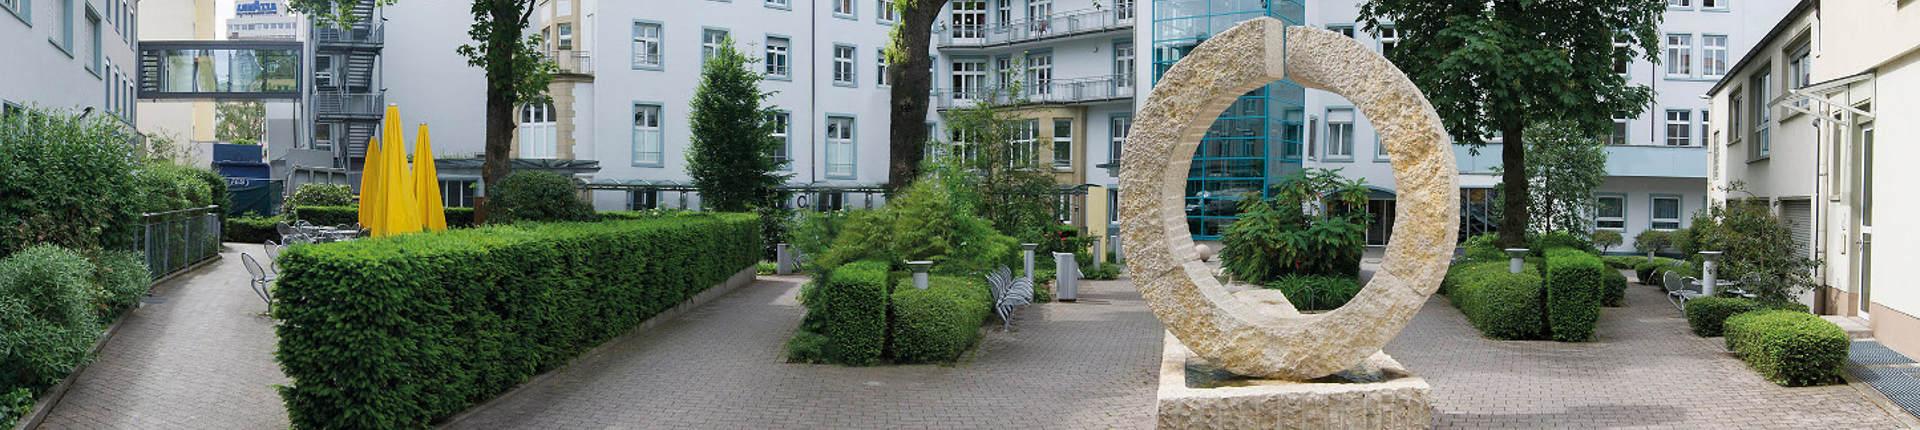 клиника Заксенхаузен во Франкфурте